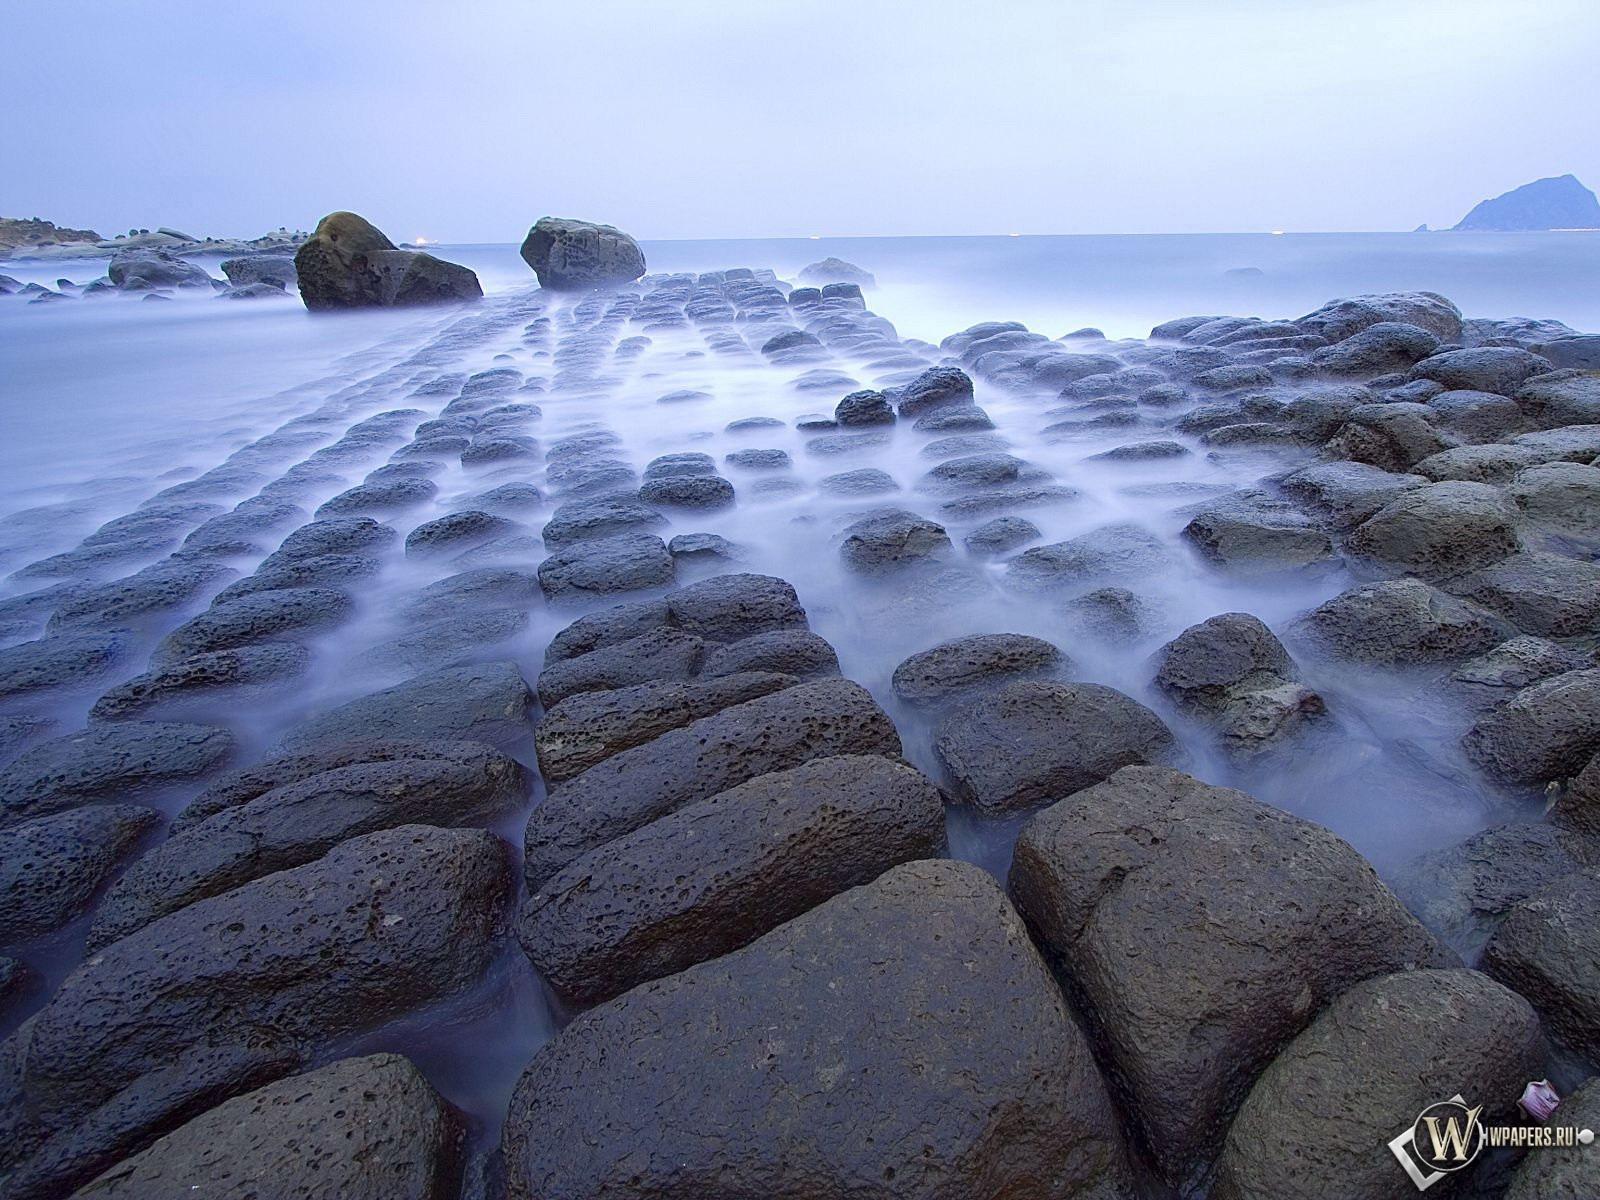 Каменистый берег 1600x1200